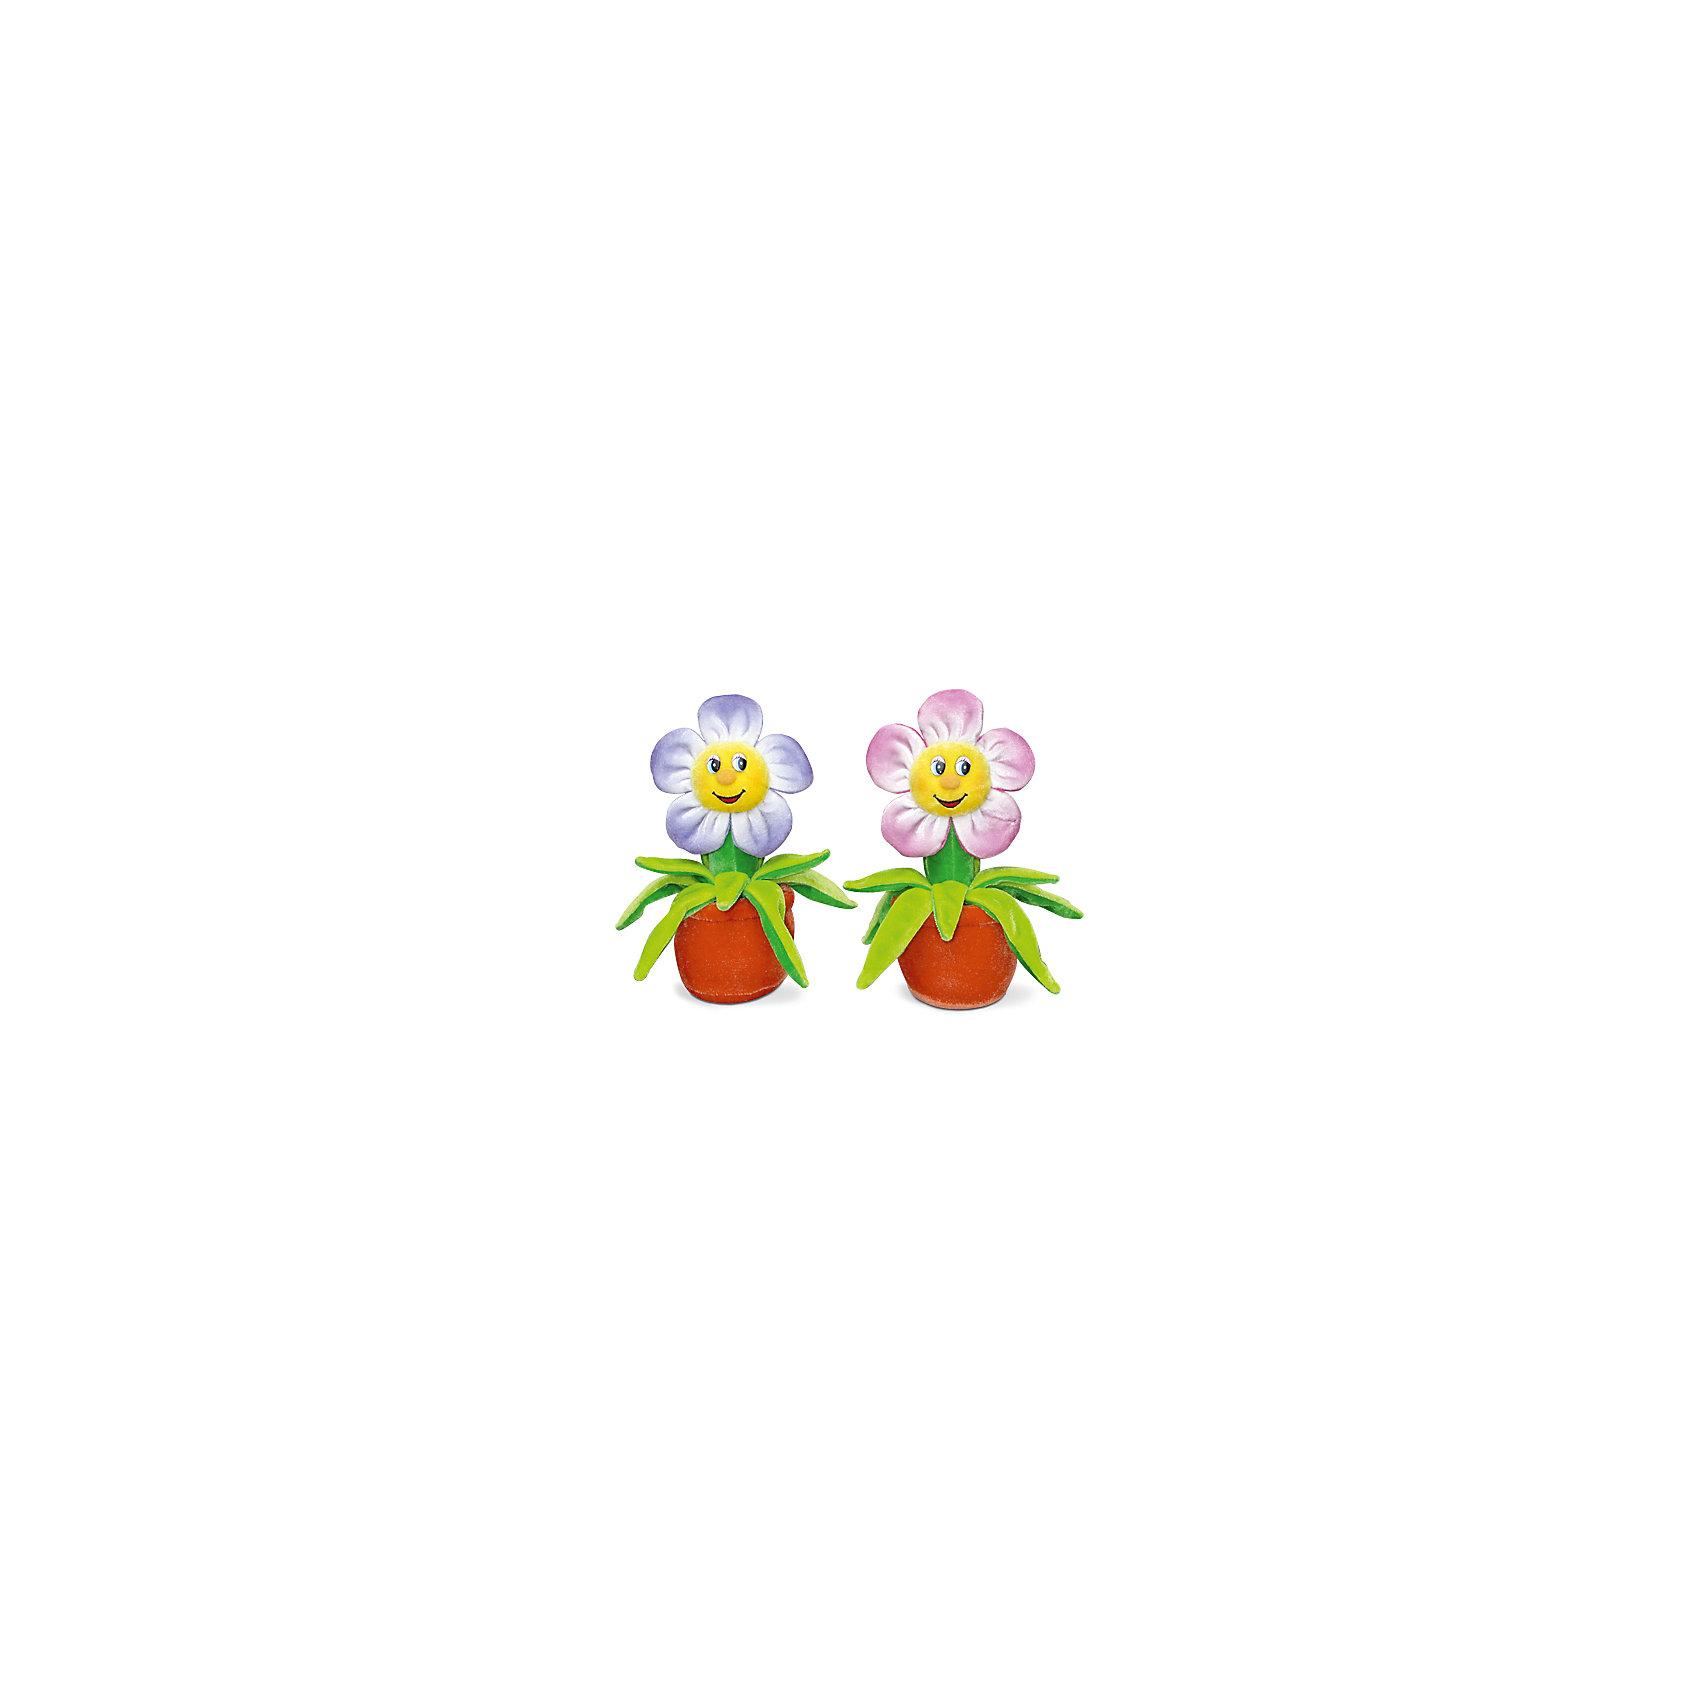 Цветок музыкальный, фиолетовый, 18 см, LAVAЭтот цветочек никогда не завянет и всегда будет лучезарно улыбаться и петь веселую песенку! Он выполнен из мягкого, приятного на ощупь материала безопасного даже для малышей. <br><br>Дополнительная информация:<br><br>- Материал: текстиль, синтепон, пластик.<br>- Высота: 18 см. <br>- Поет песенку. <br>- Элемент питания: батарейка (в комплекте).<br><br>Цветок музыкальный, 18 см, LAVA (ЛАВА) можно купить в нашем магазине.<br><br>Ширина мм: 150<br>Глубина мм: 150<br>Высота мм: 180<br>Вес г: 130<br>Возраст от месяцев: 36<br>Возраст до месяцев: 1188<br>Пол: Унисекс<br>Возраст: Детский<br>SKU: 4874287